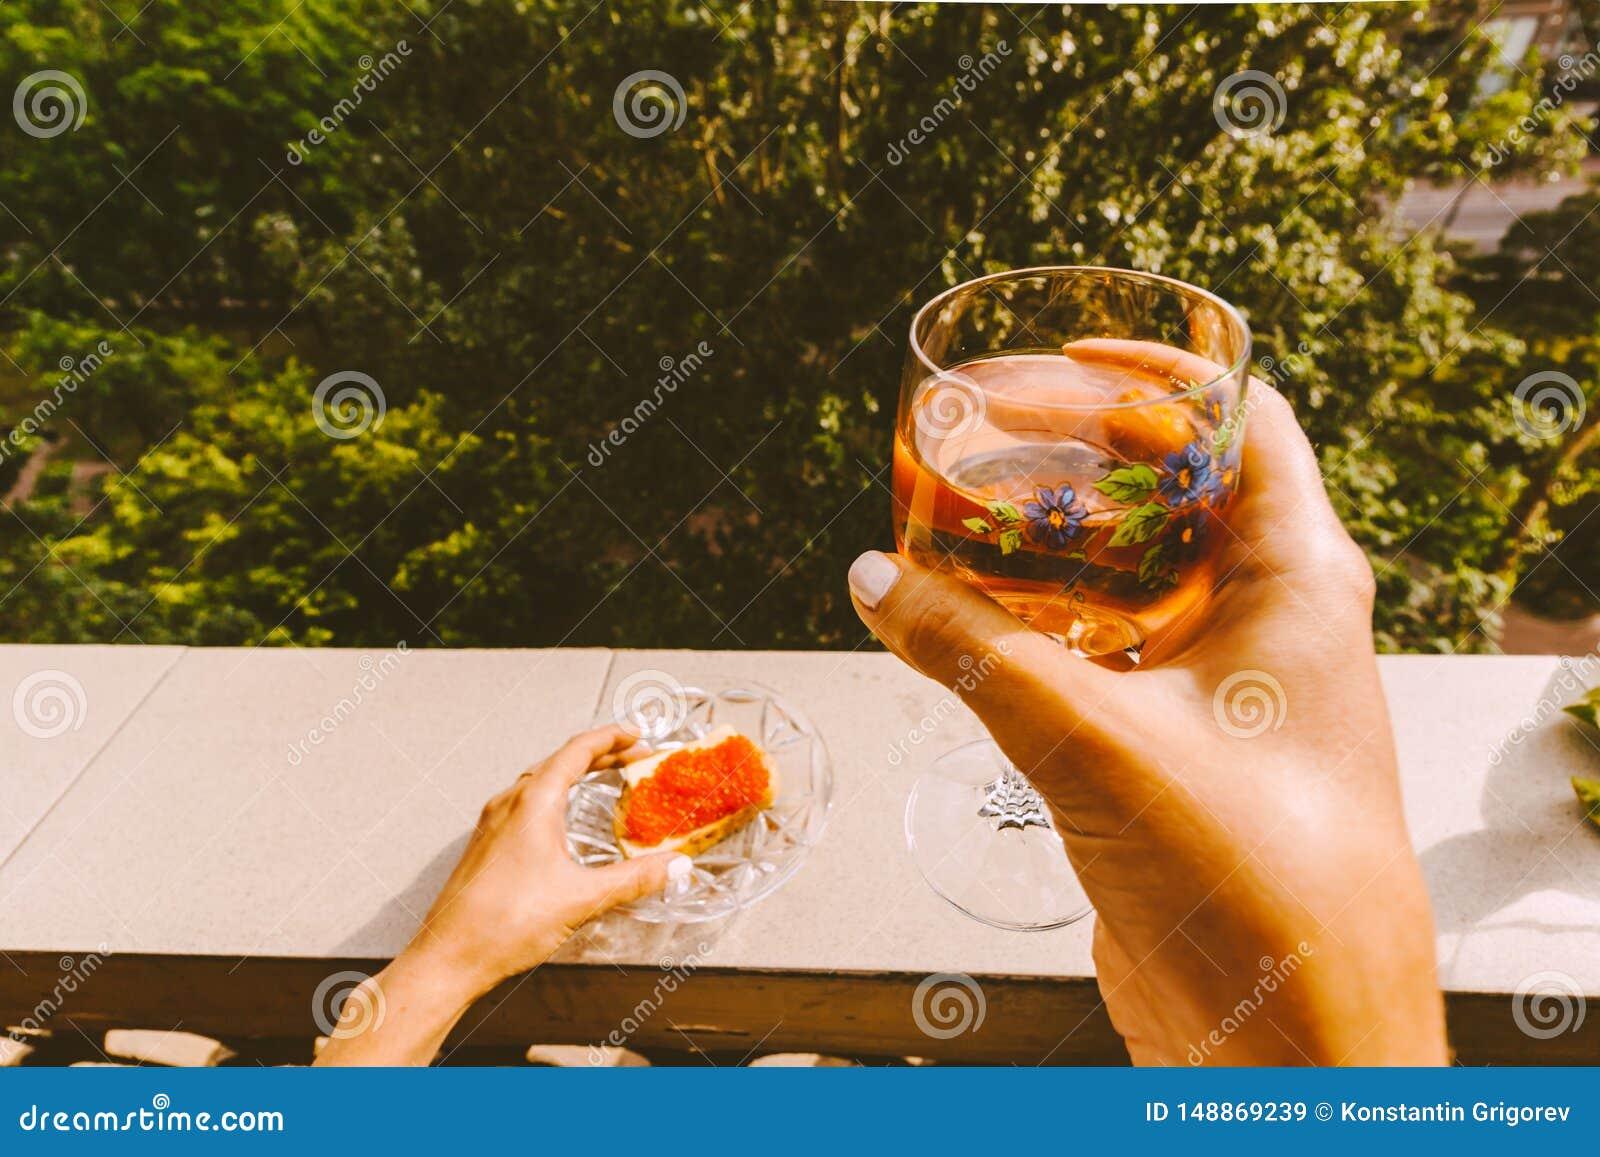 拿着一杯酒的女性手